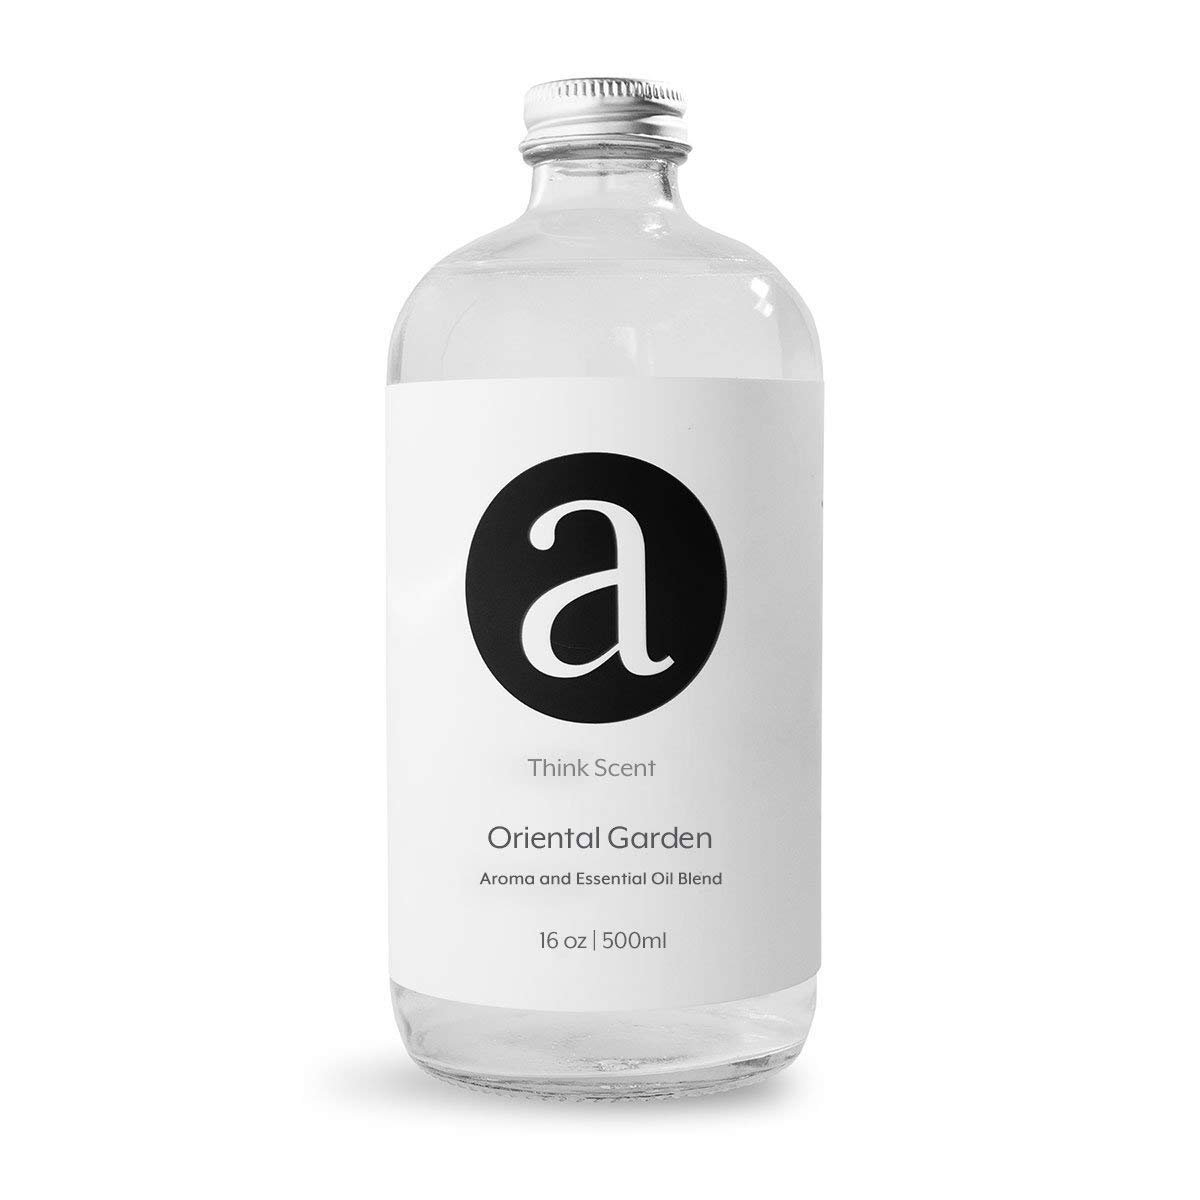 Oriental Garden for Aroma Oil Scent Diffusers - Half Gallon